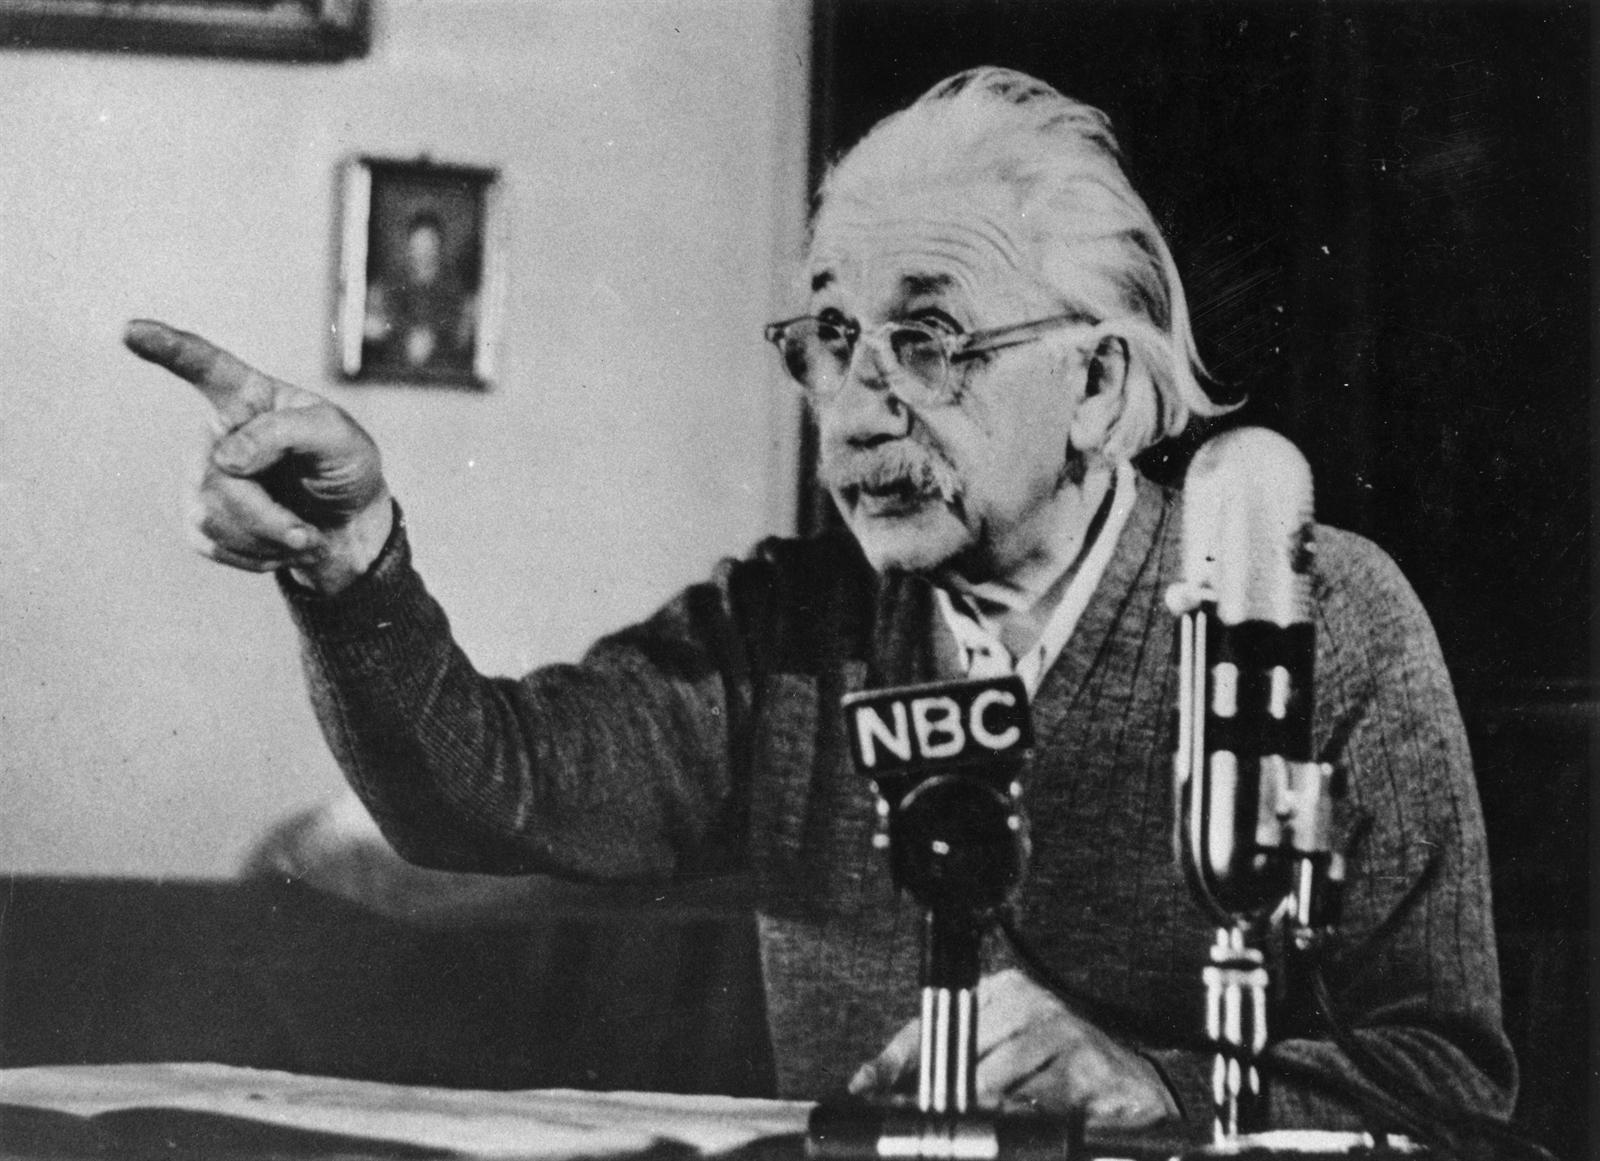 Albert Einstein'ın ilk teorilerinden sonra, bilimsel topluluğun ve dünyanın büyük yeteneklerini gerçekten tanıdığı özel görelilik kuramı yayınladı.